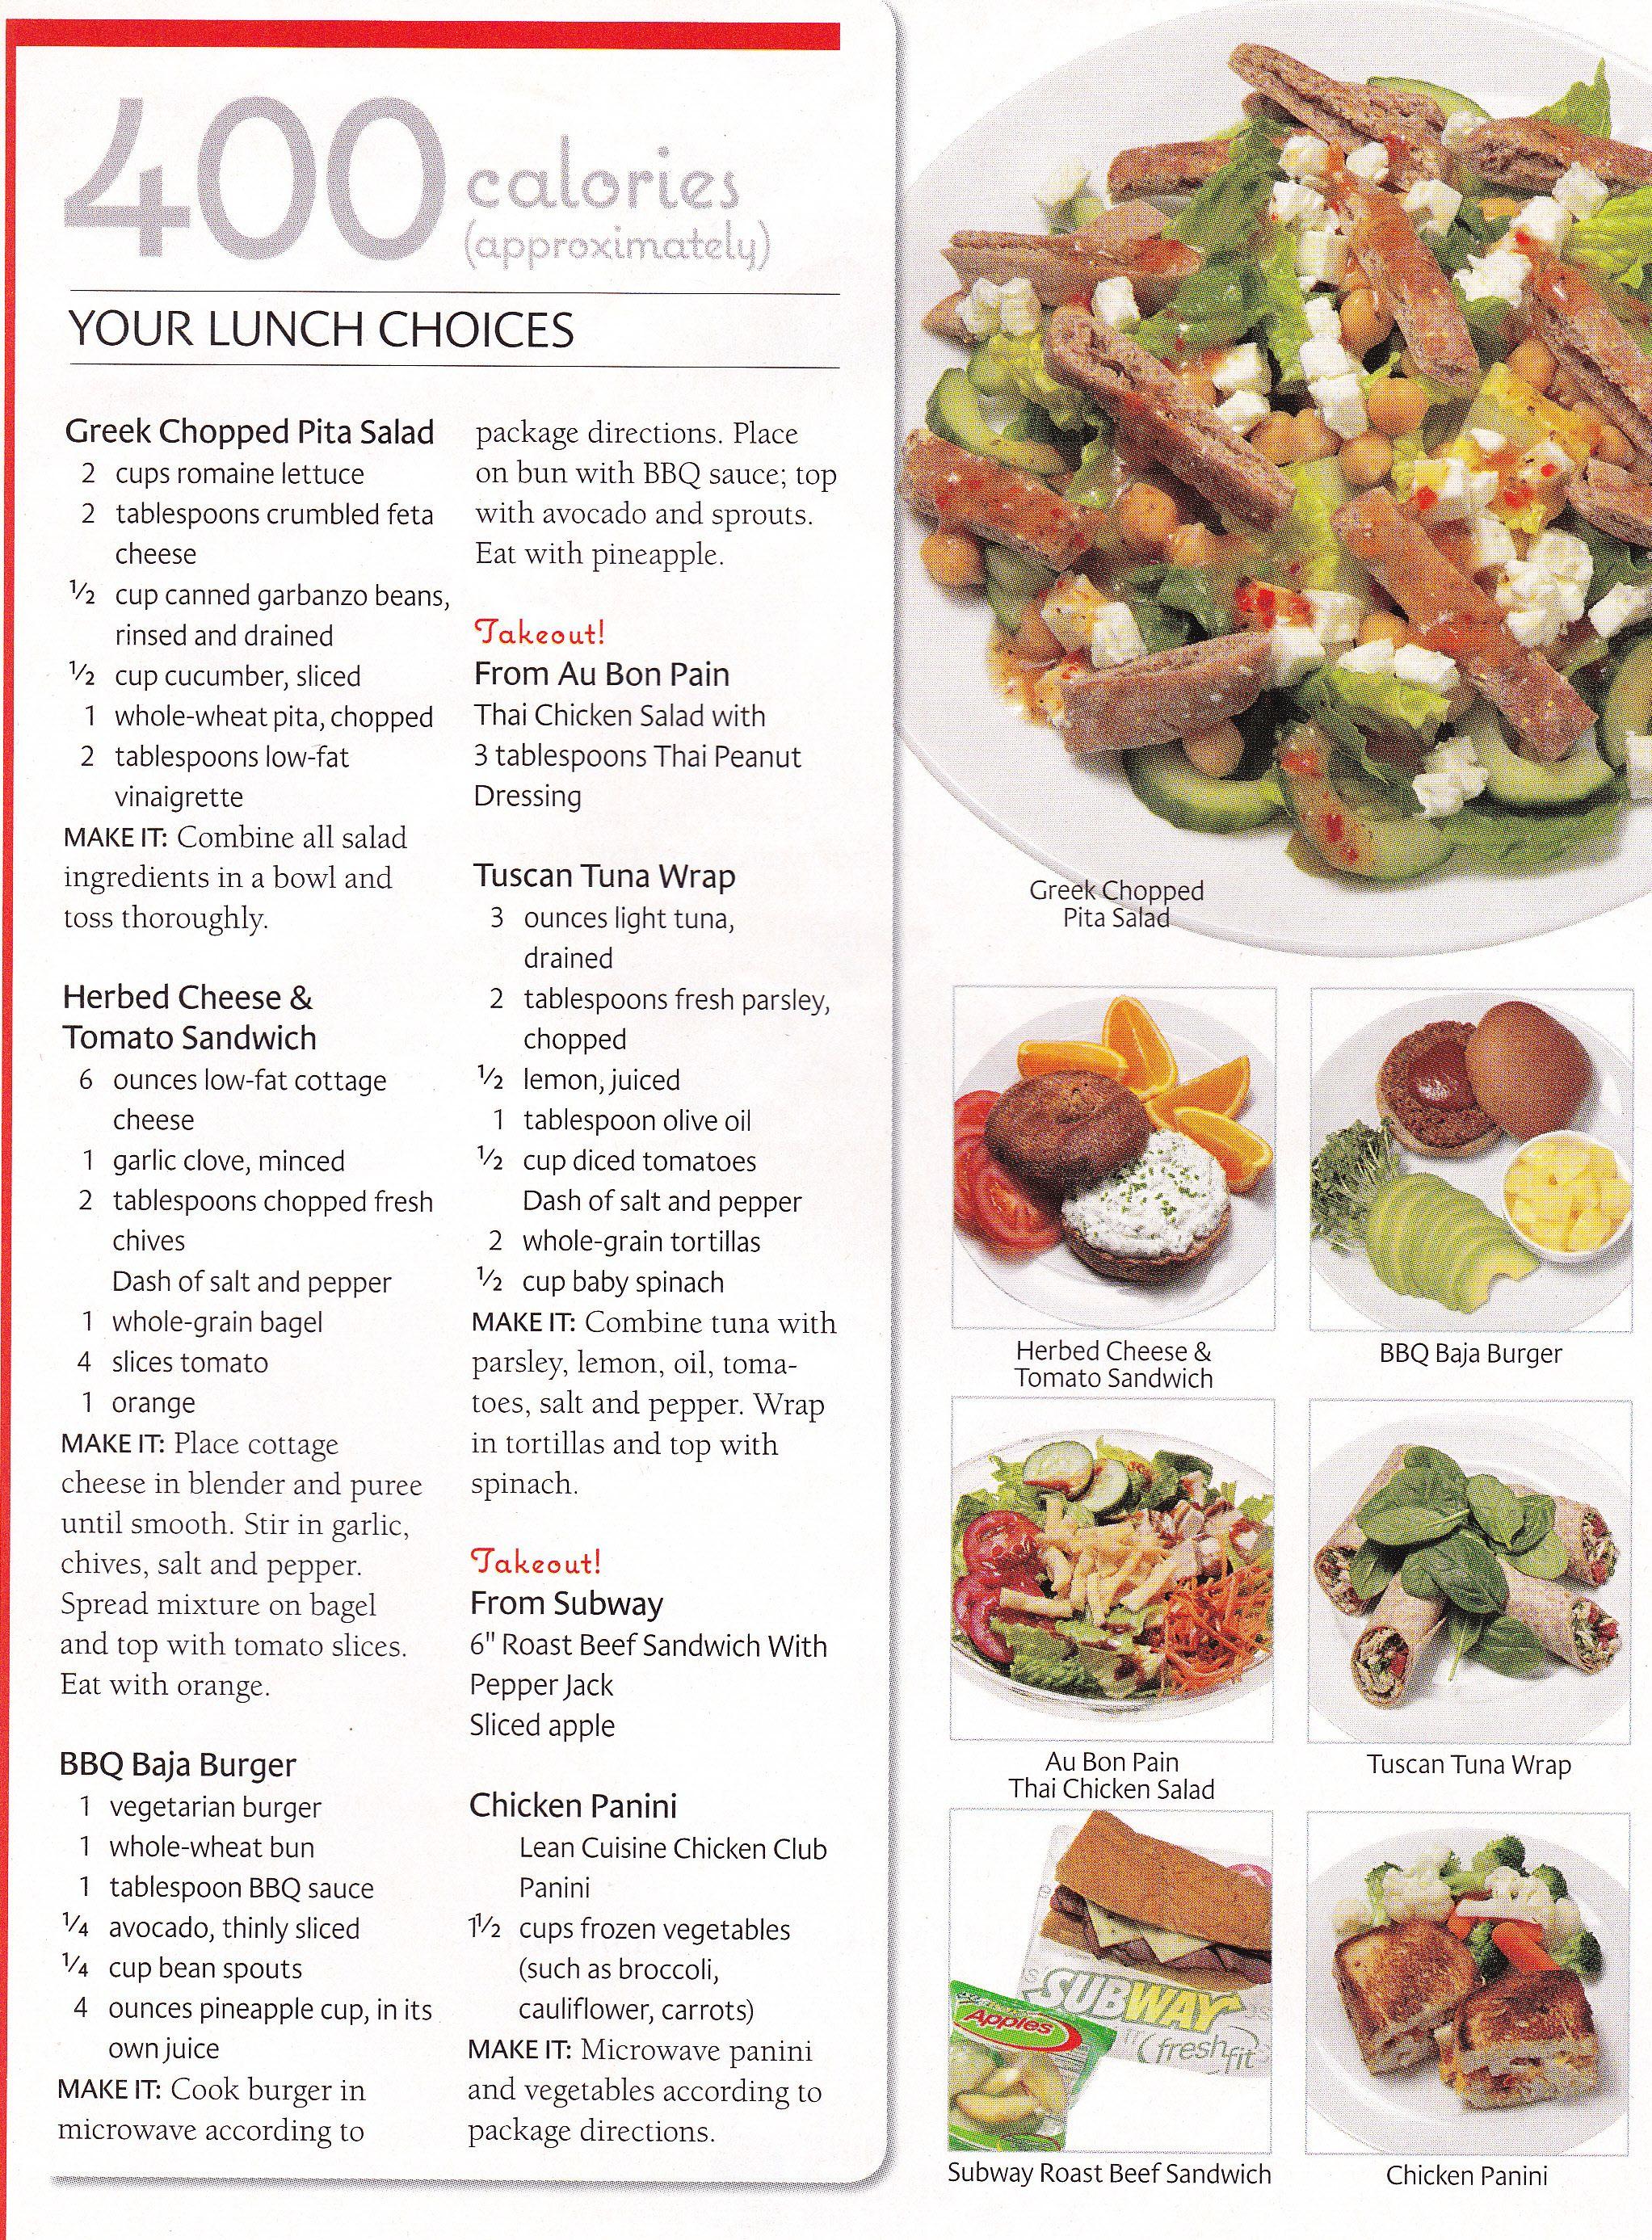 600 calorie diet menu